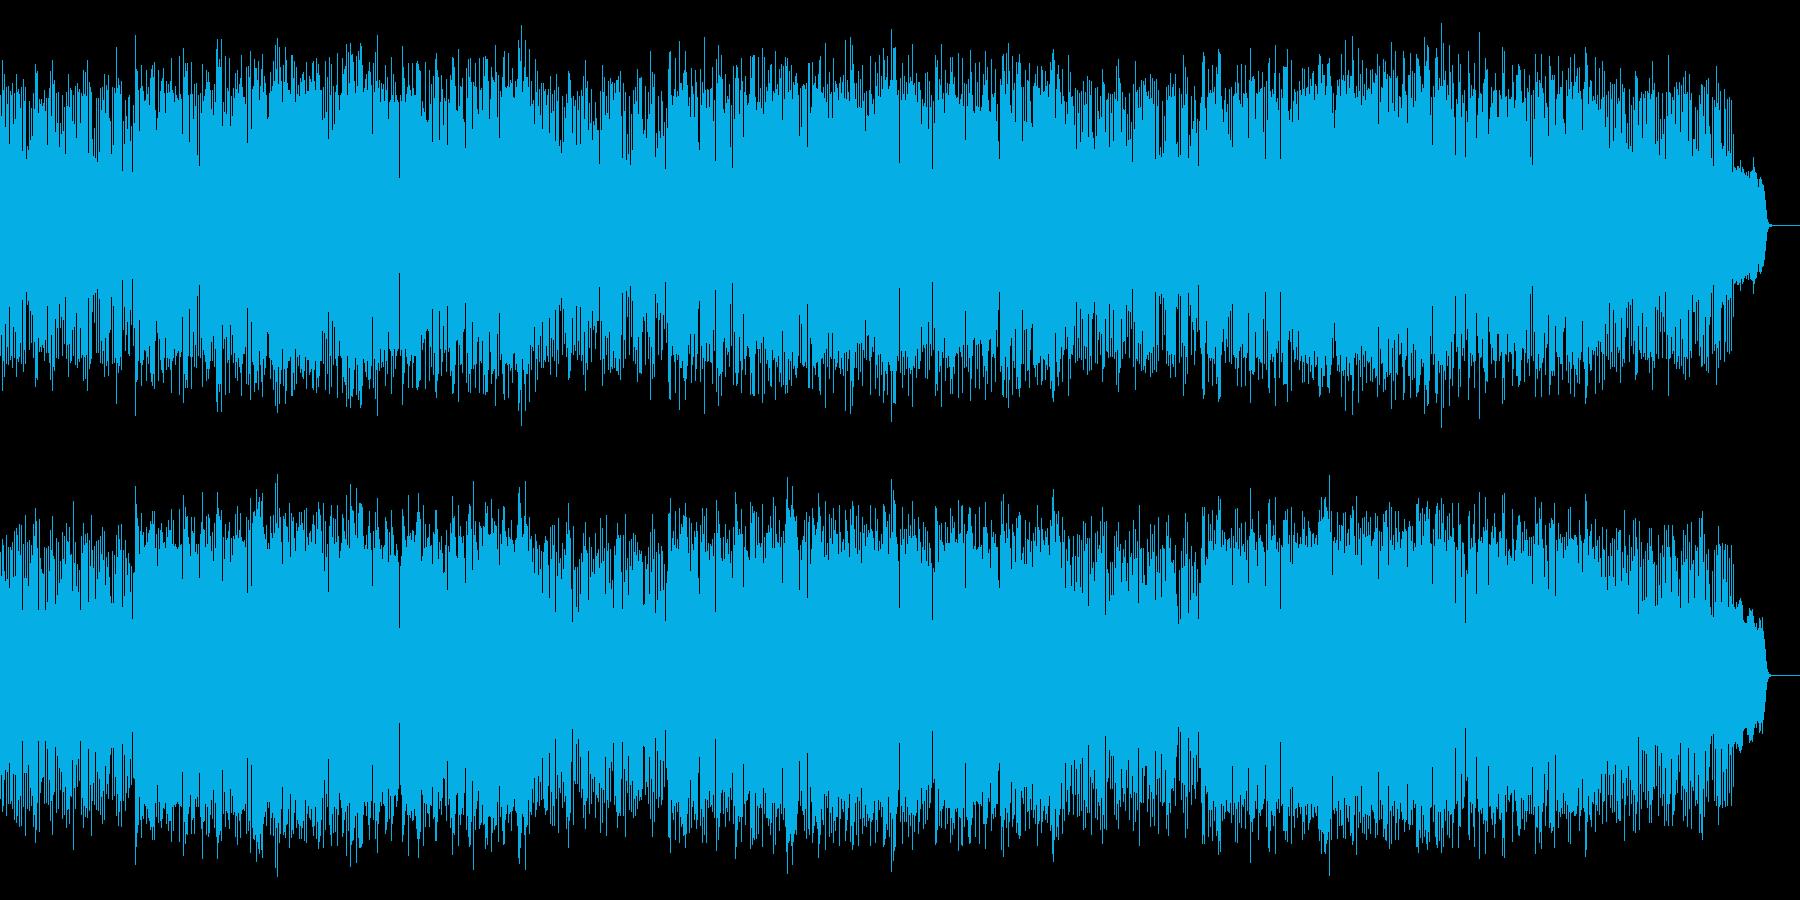 切ない恋歌を雰囲気たっぷりに歌うソプラノの再生済みの波形